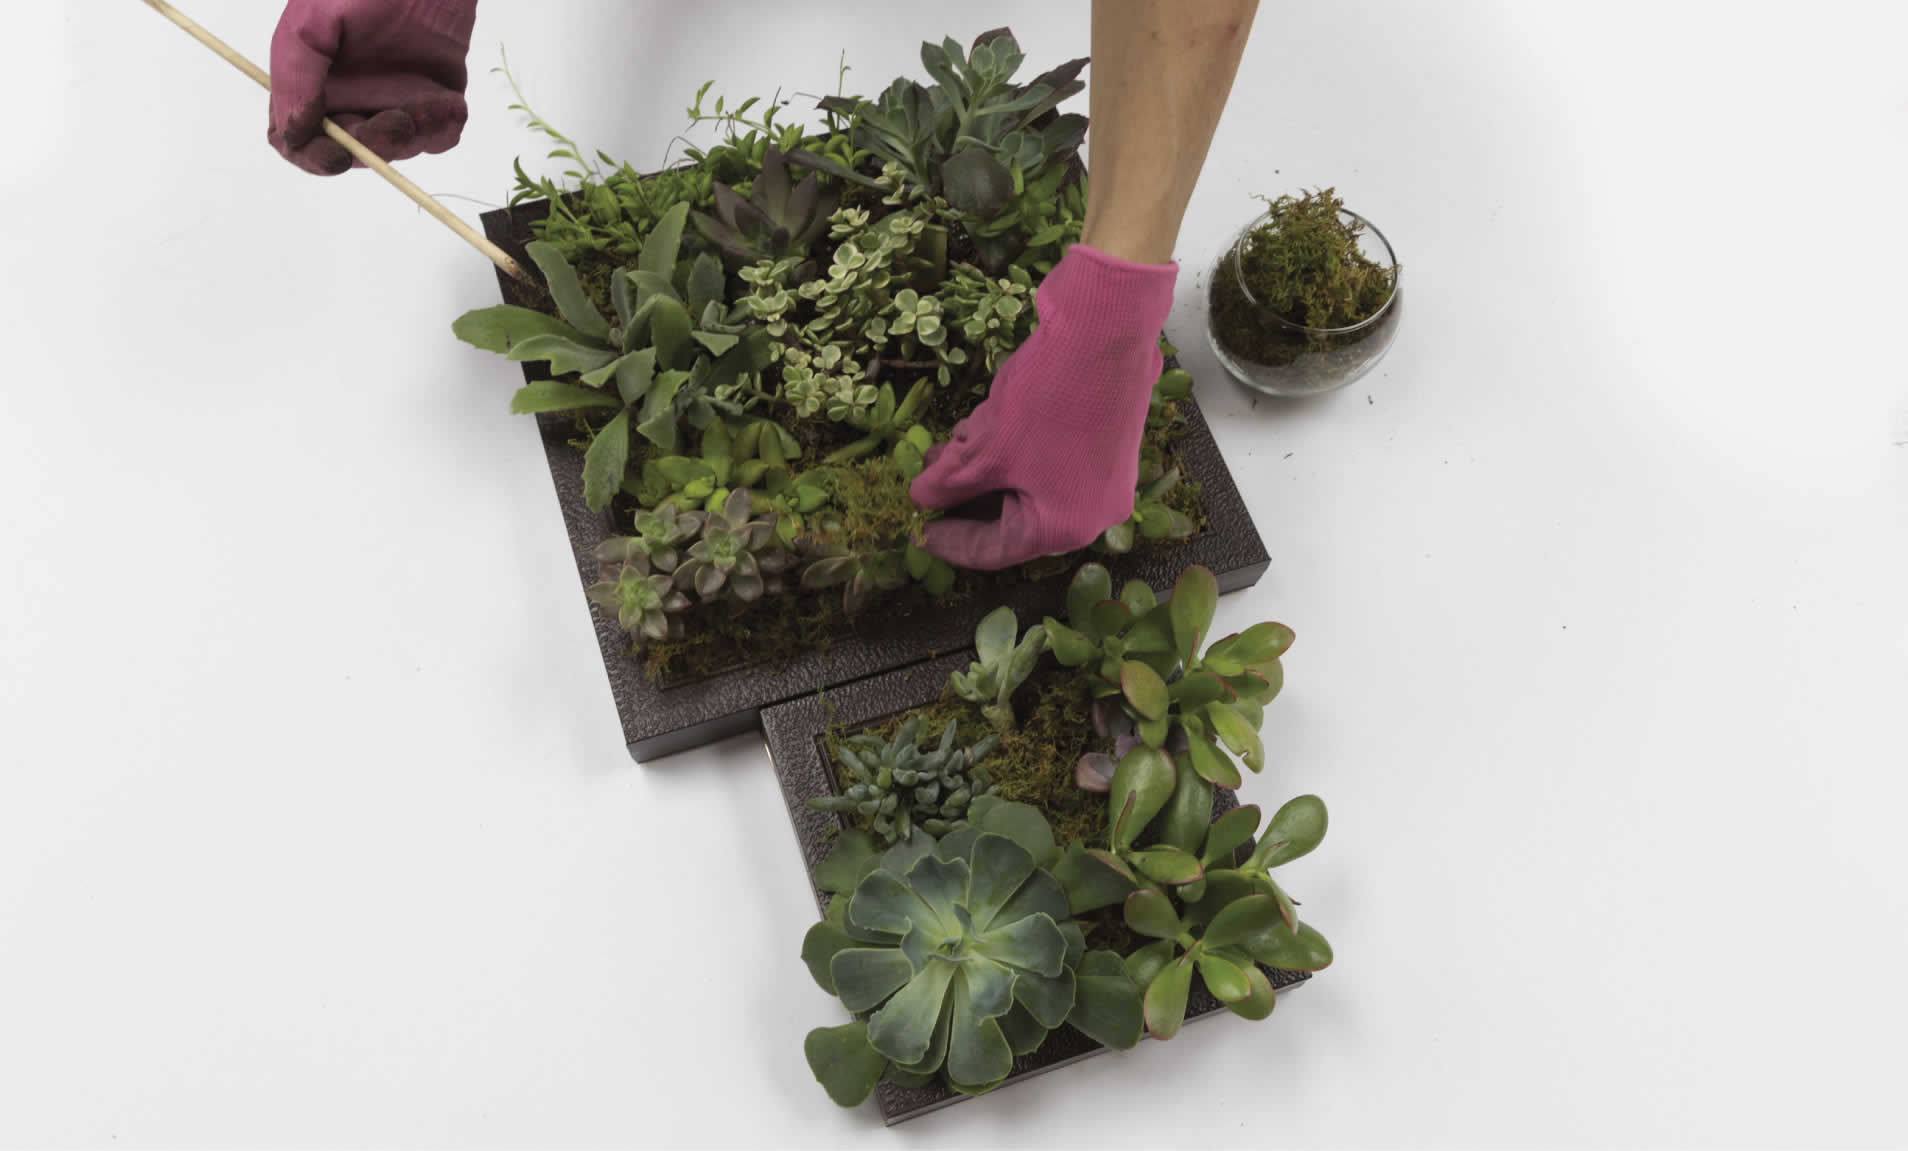 vert-succulent-garden-arrow-project-step13a.jpg